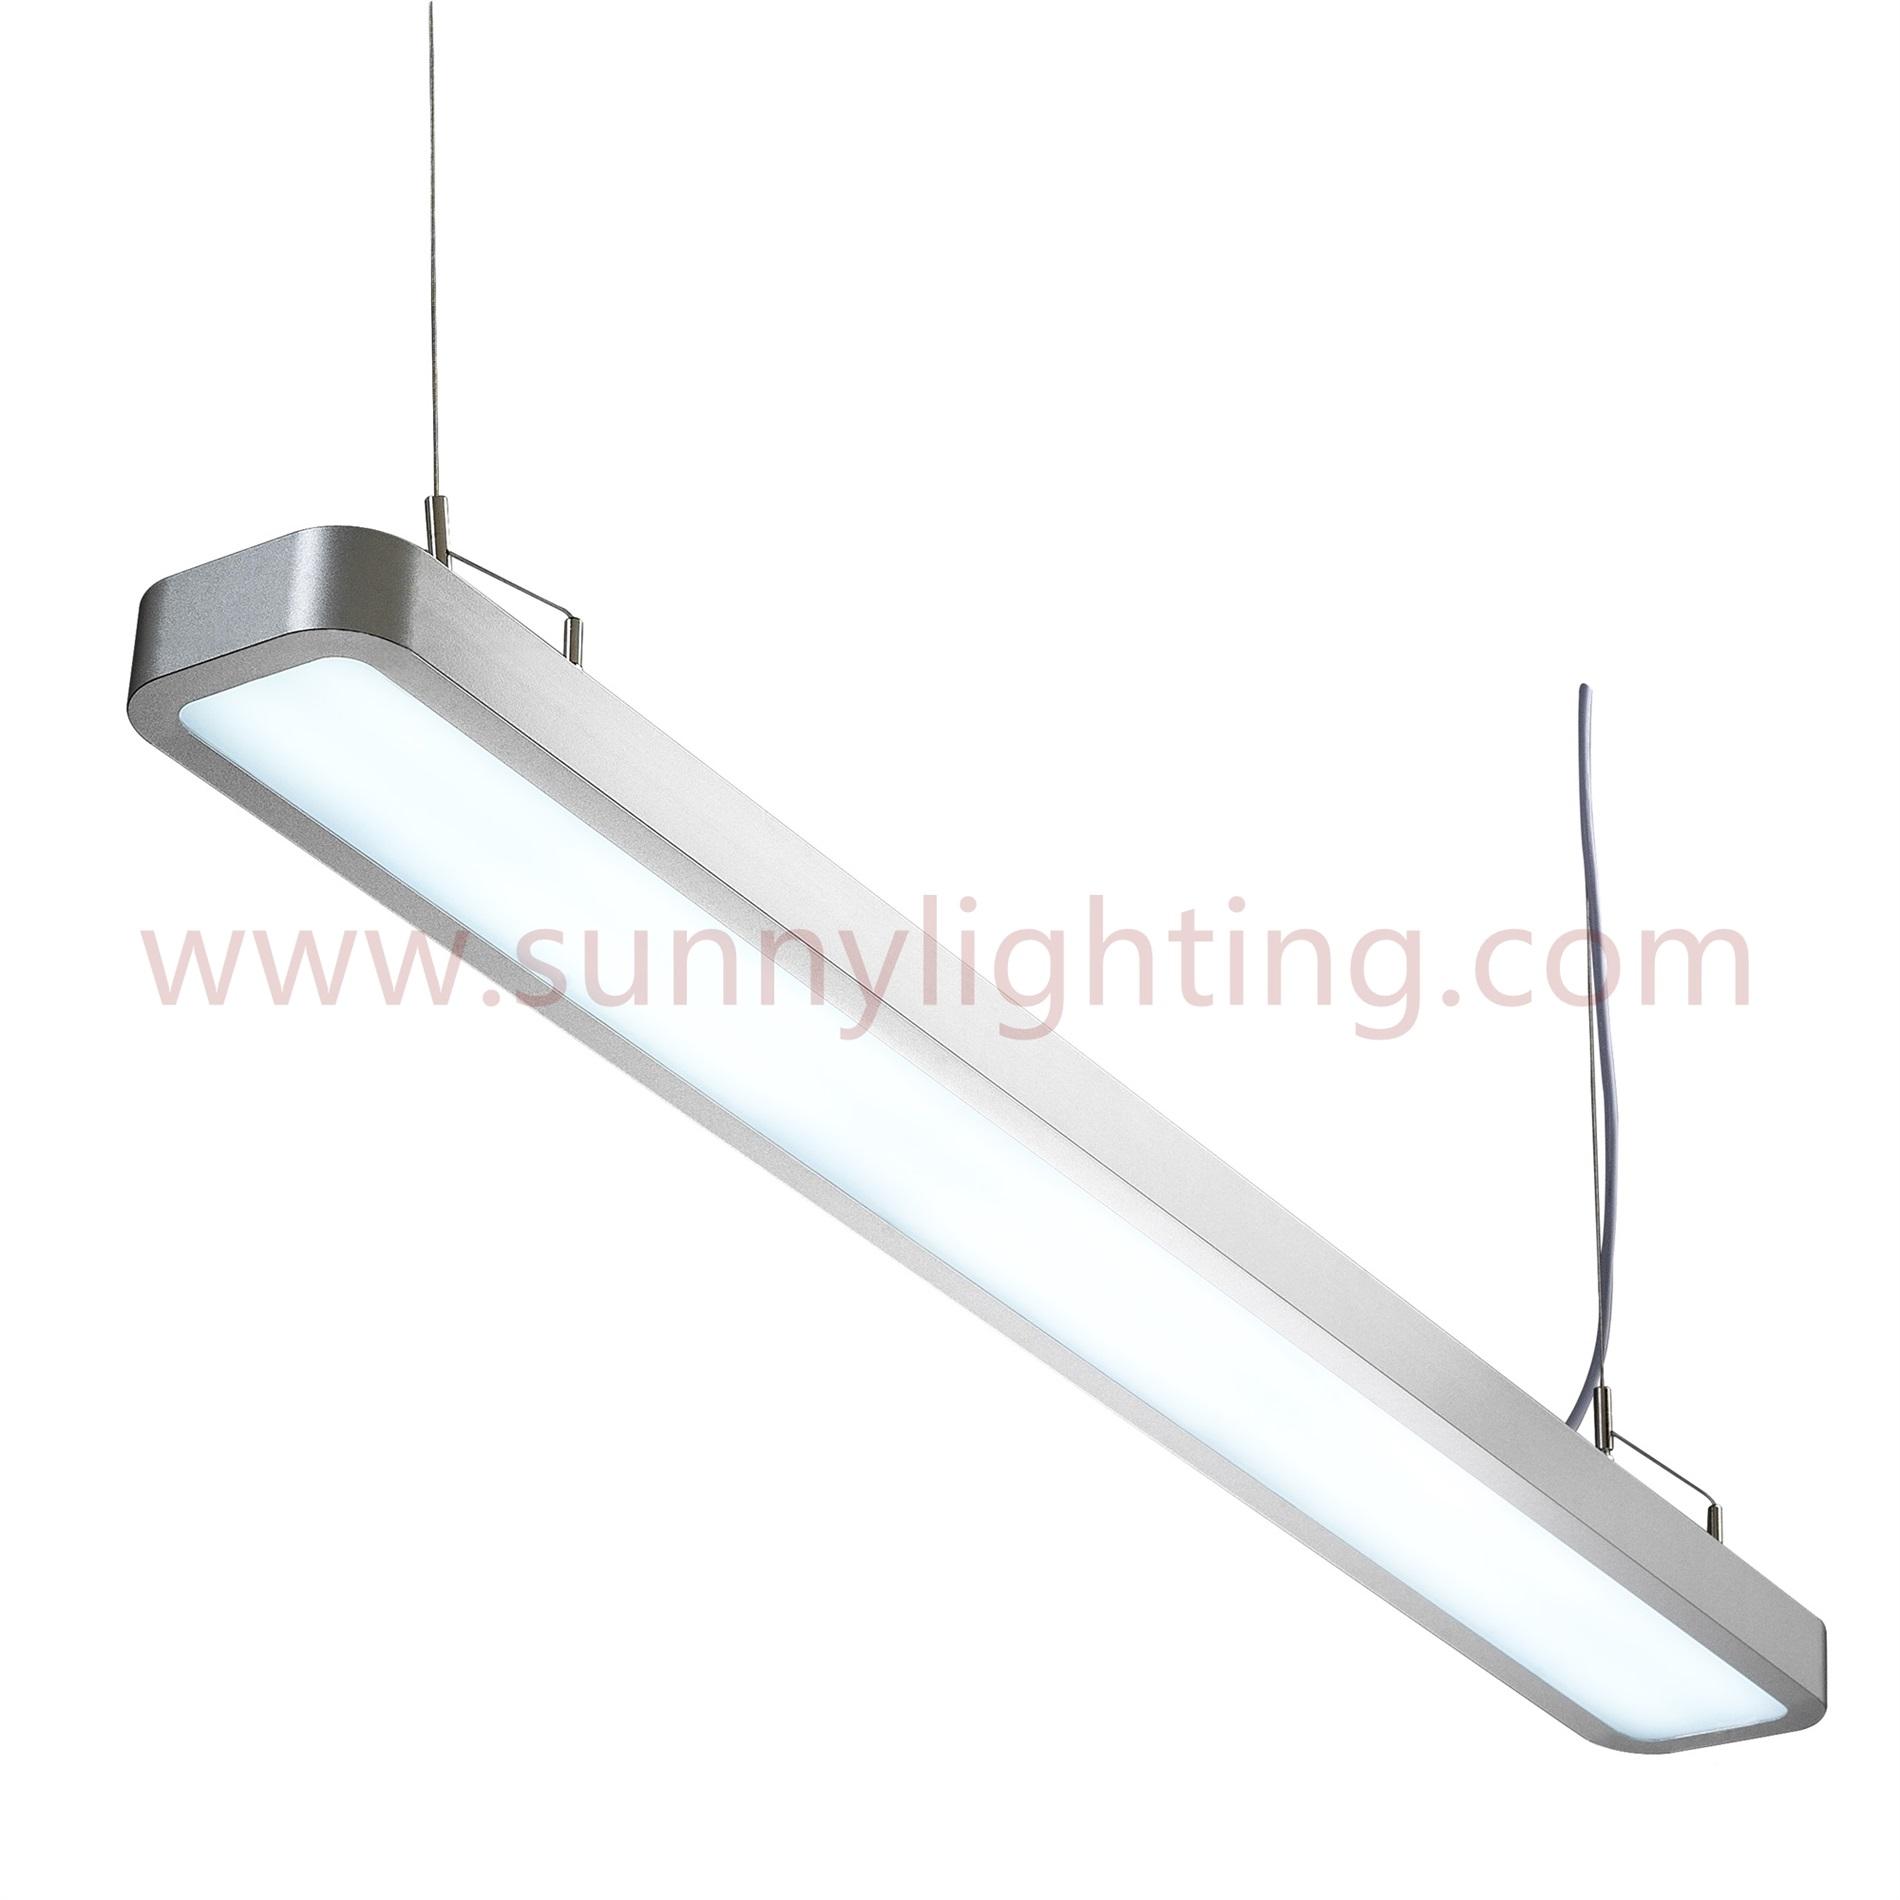 LED Linear Downlight 14.4W/21.6W/28.8W/36W LED-006